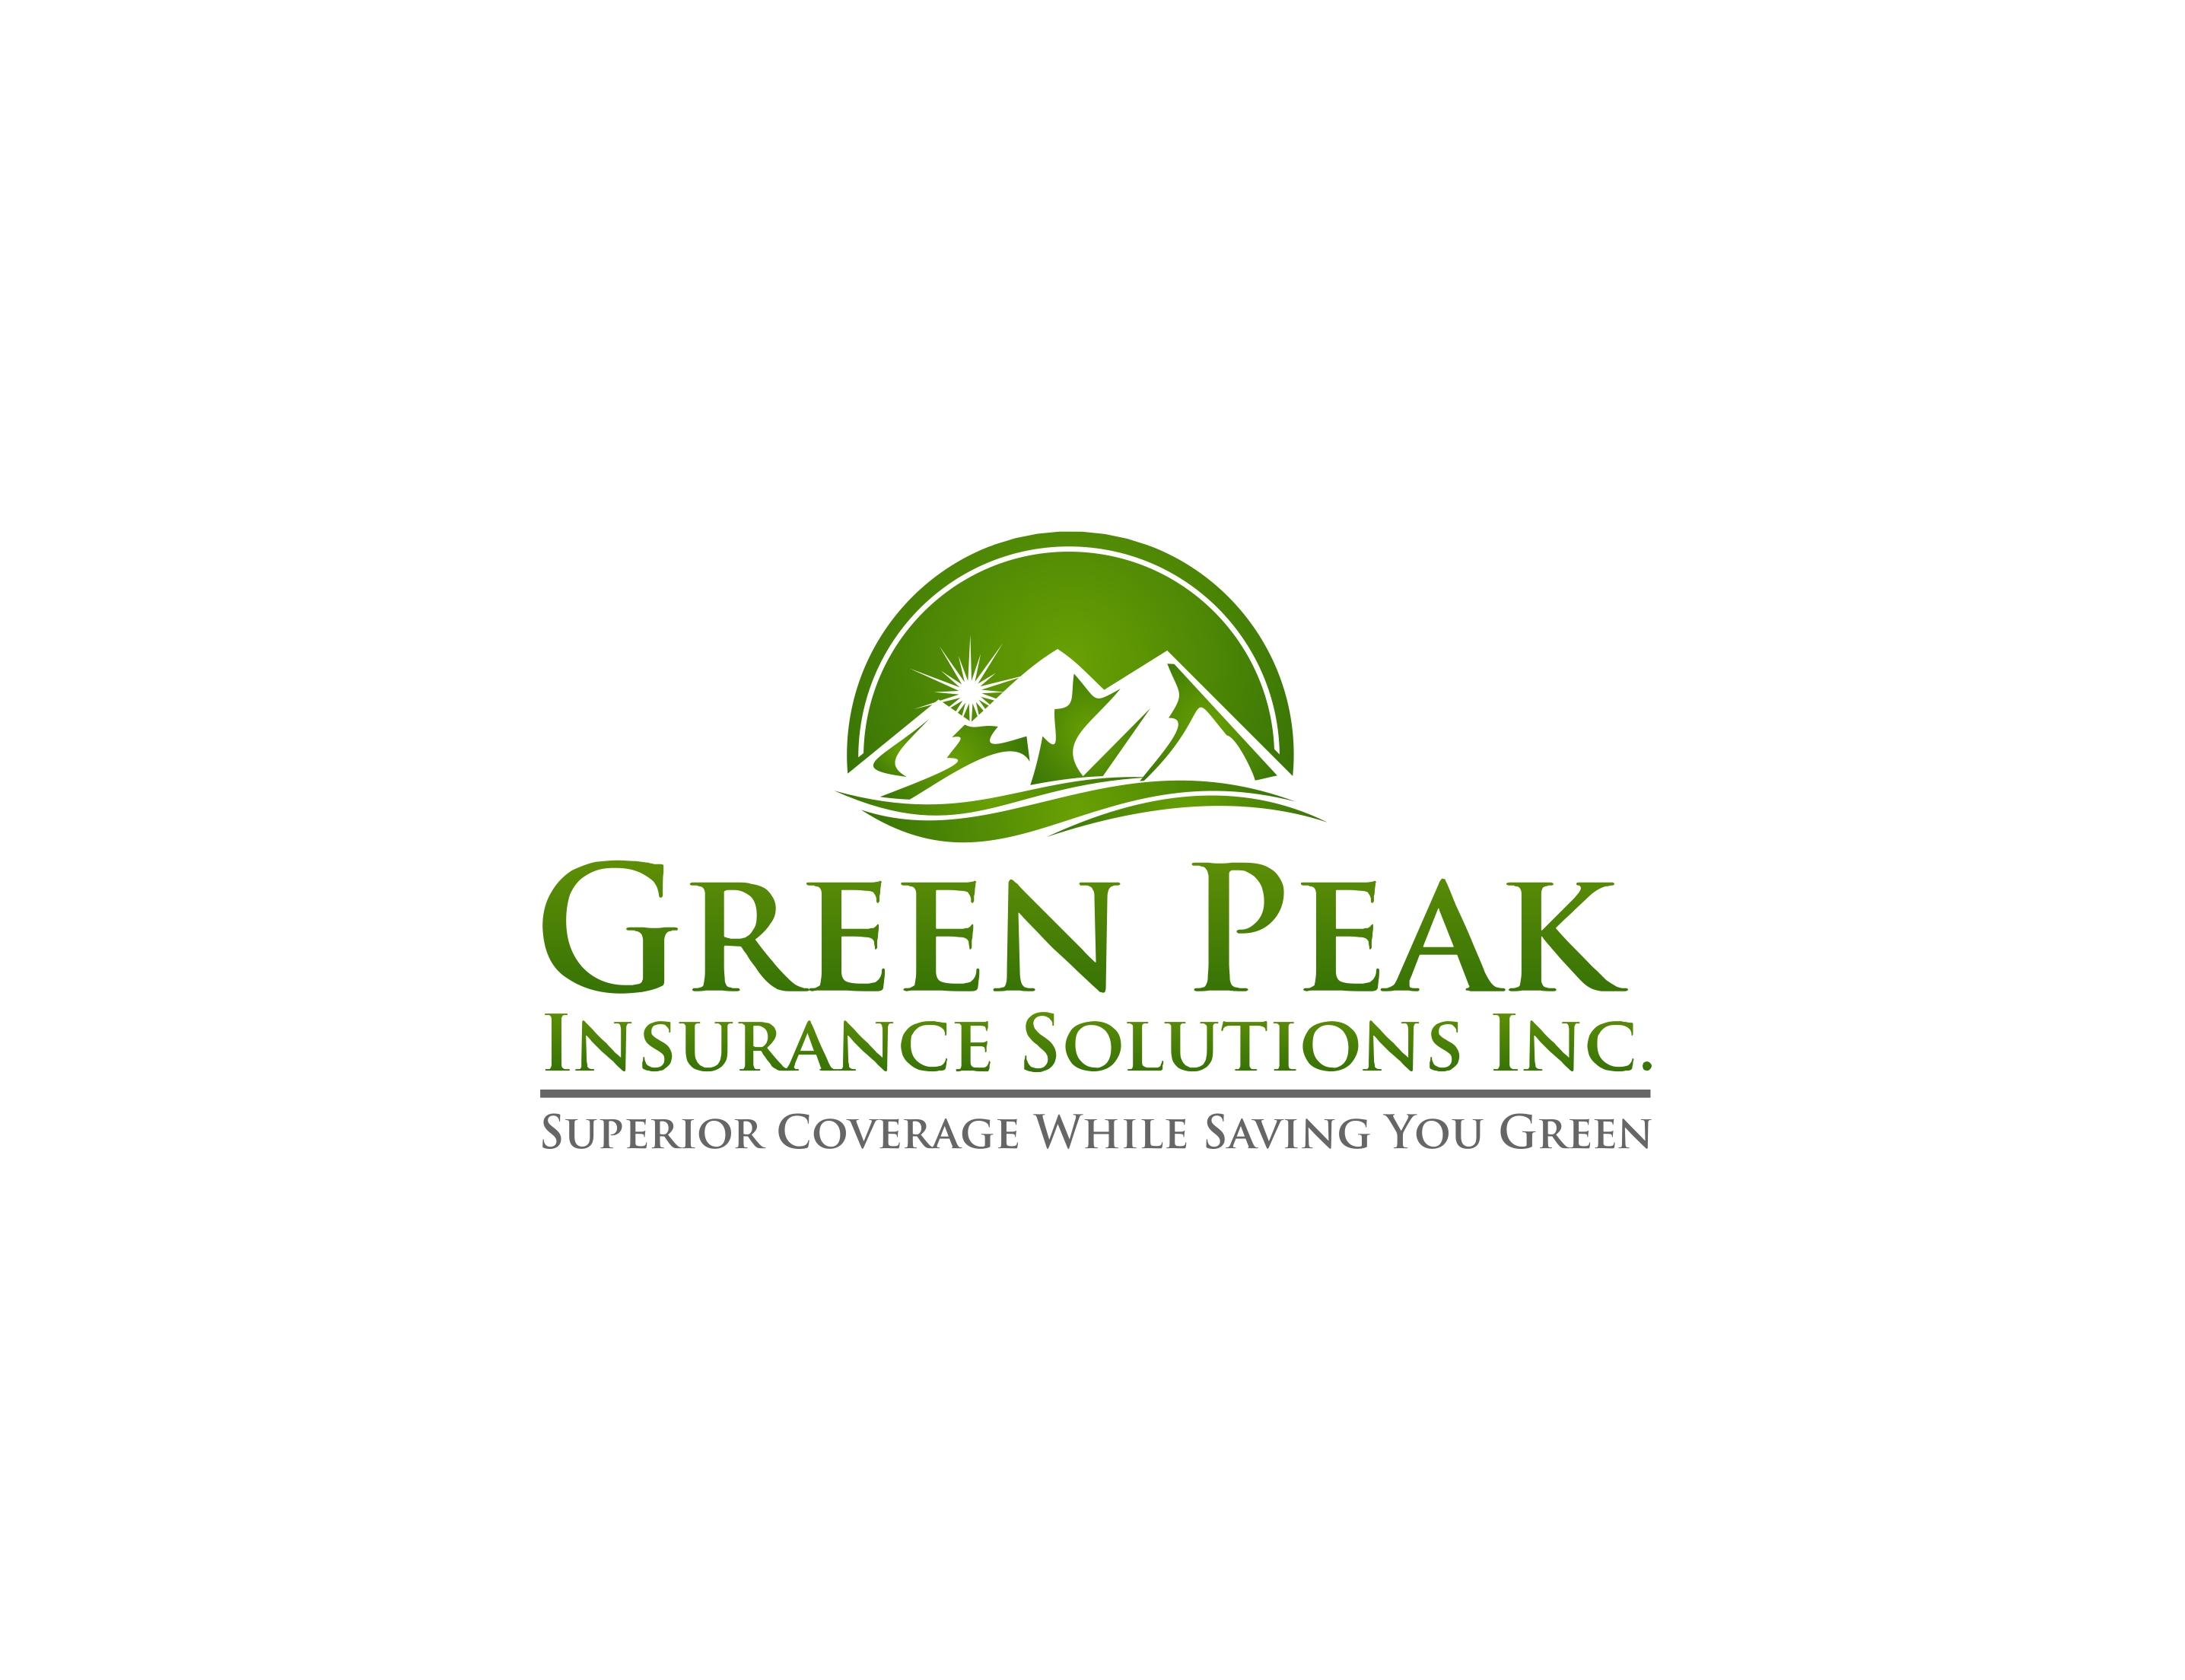 ca insurance brokers photo - 1